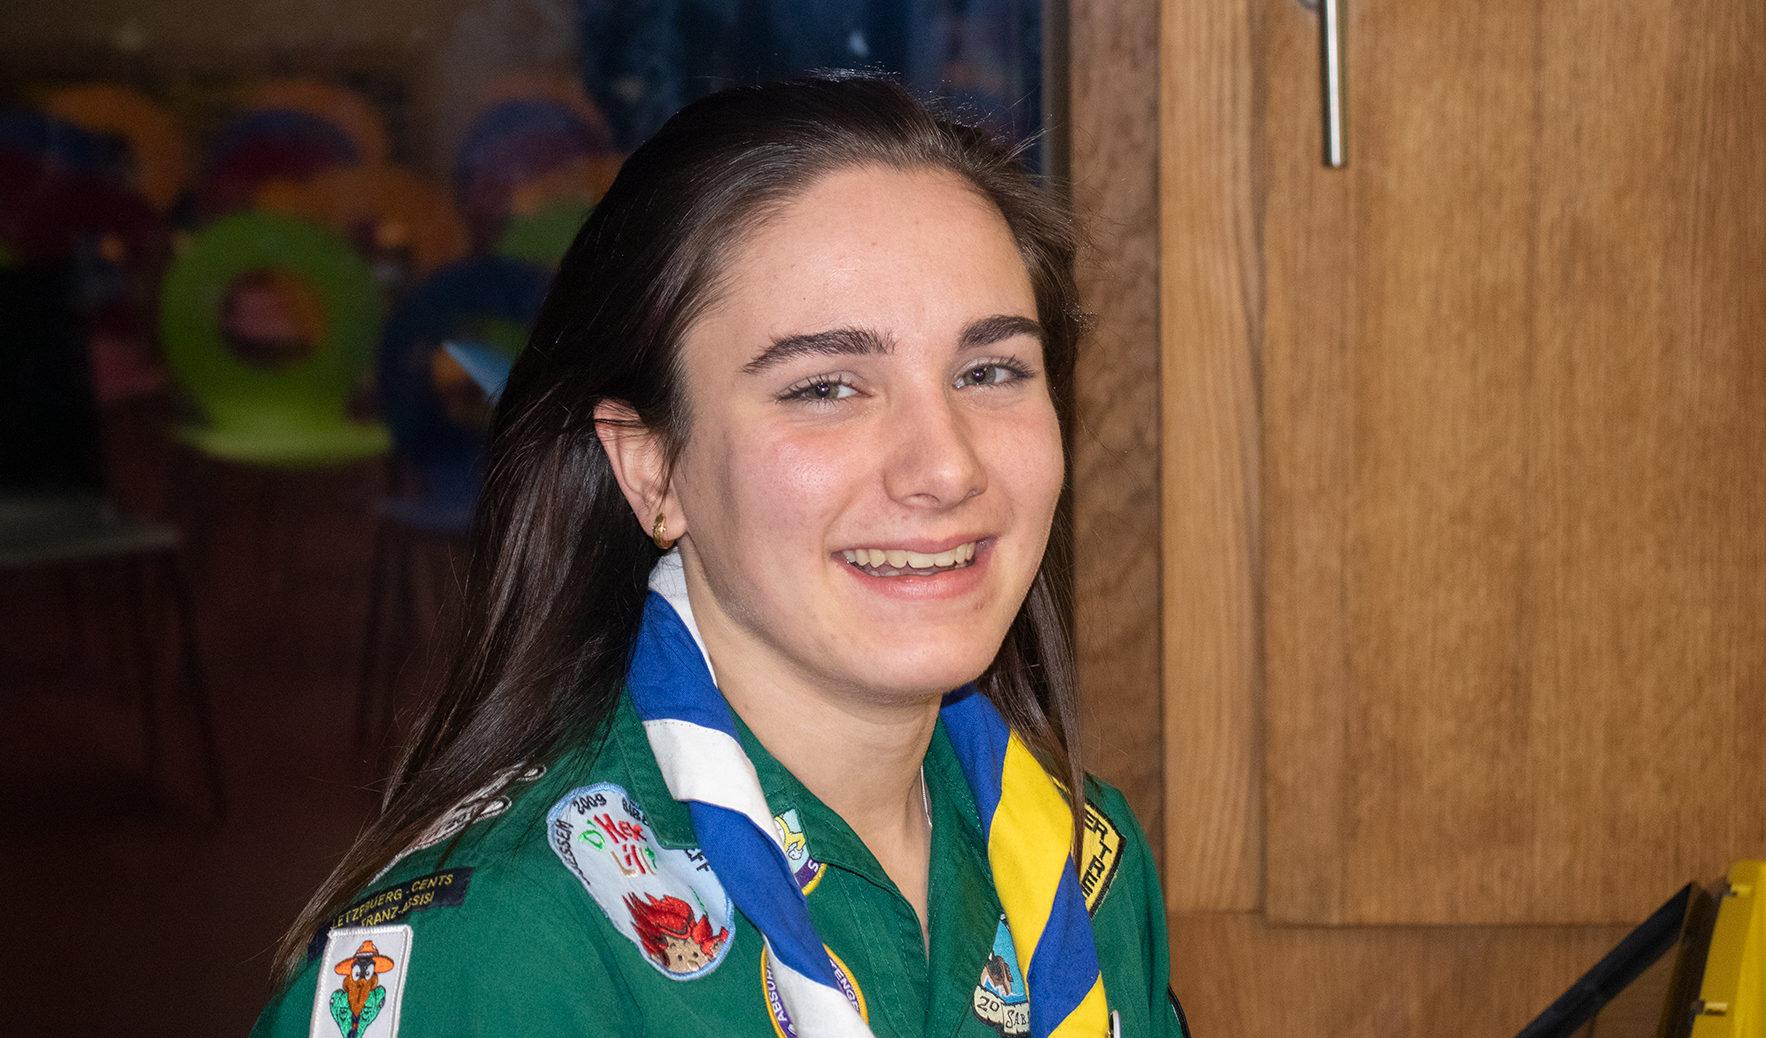 Savannah Bradbury